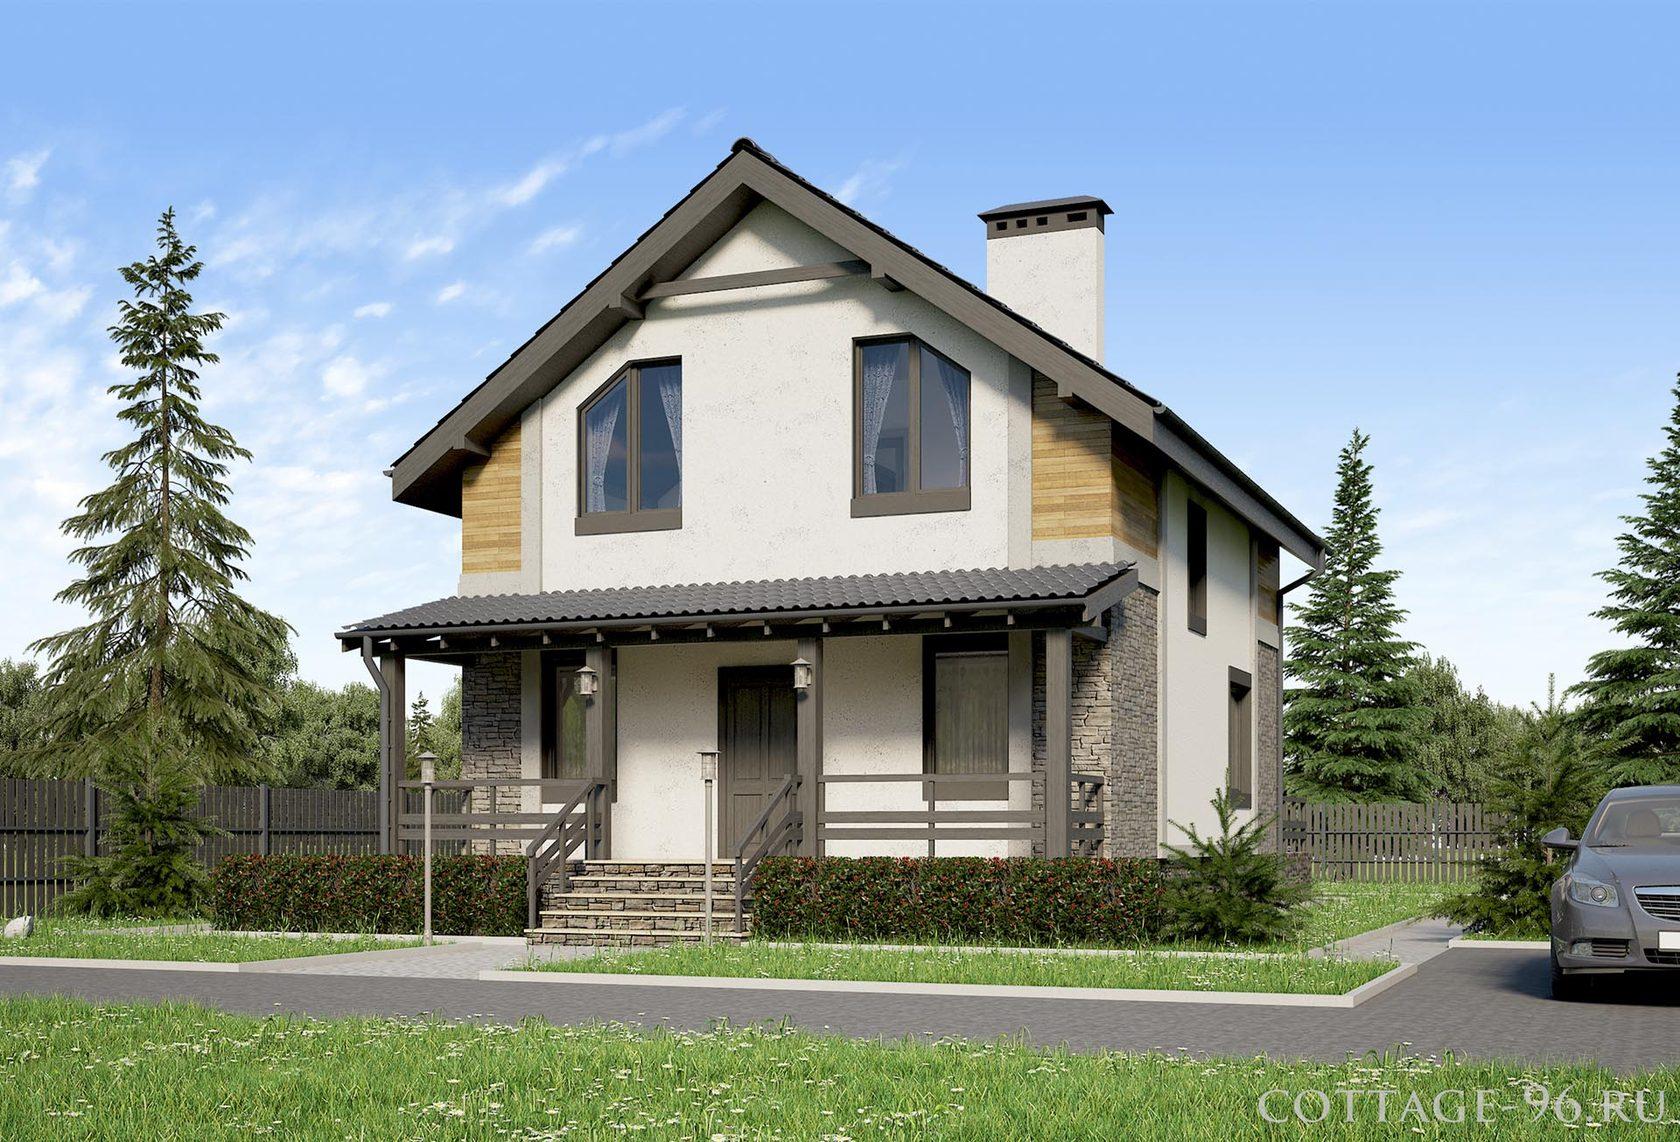 дом из пеноблока 10 на 10